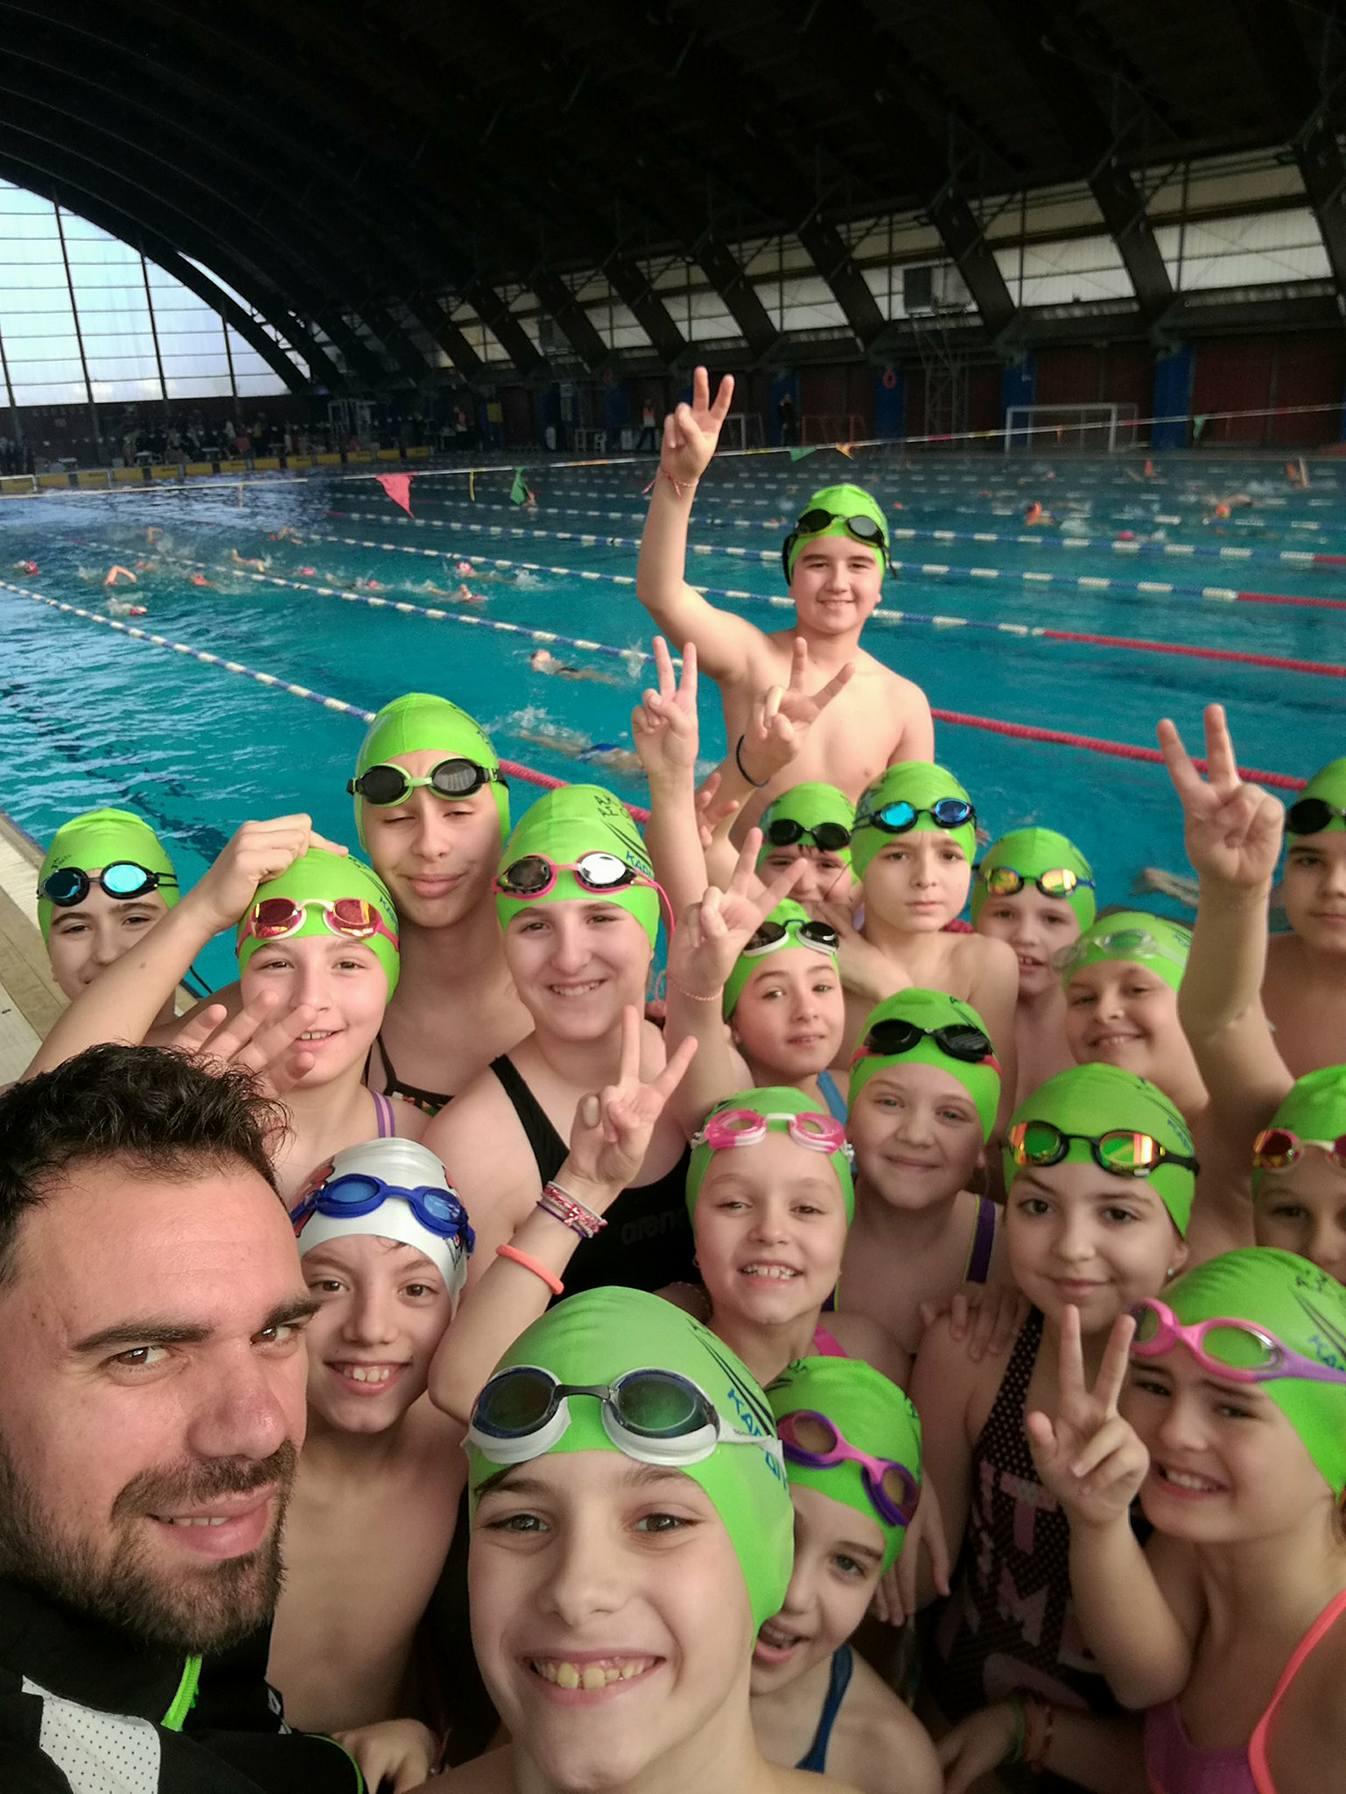 Οι επιτυχίες συνεχίζονται…..με 20 μετάλλια στους χειμερινούς αγώνες κολύμβησης προαγωνιστικών κατηγοριών!!!